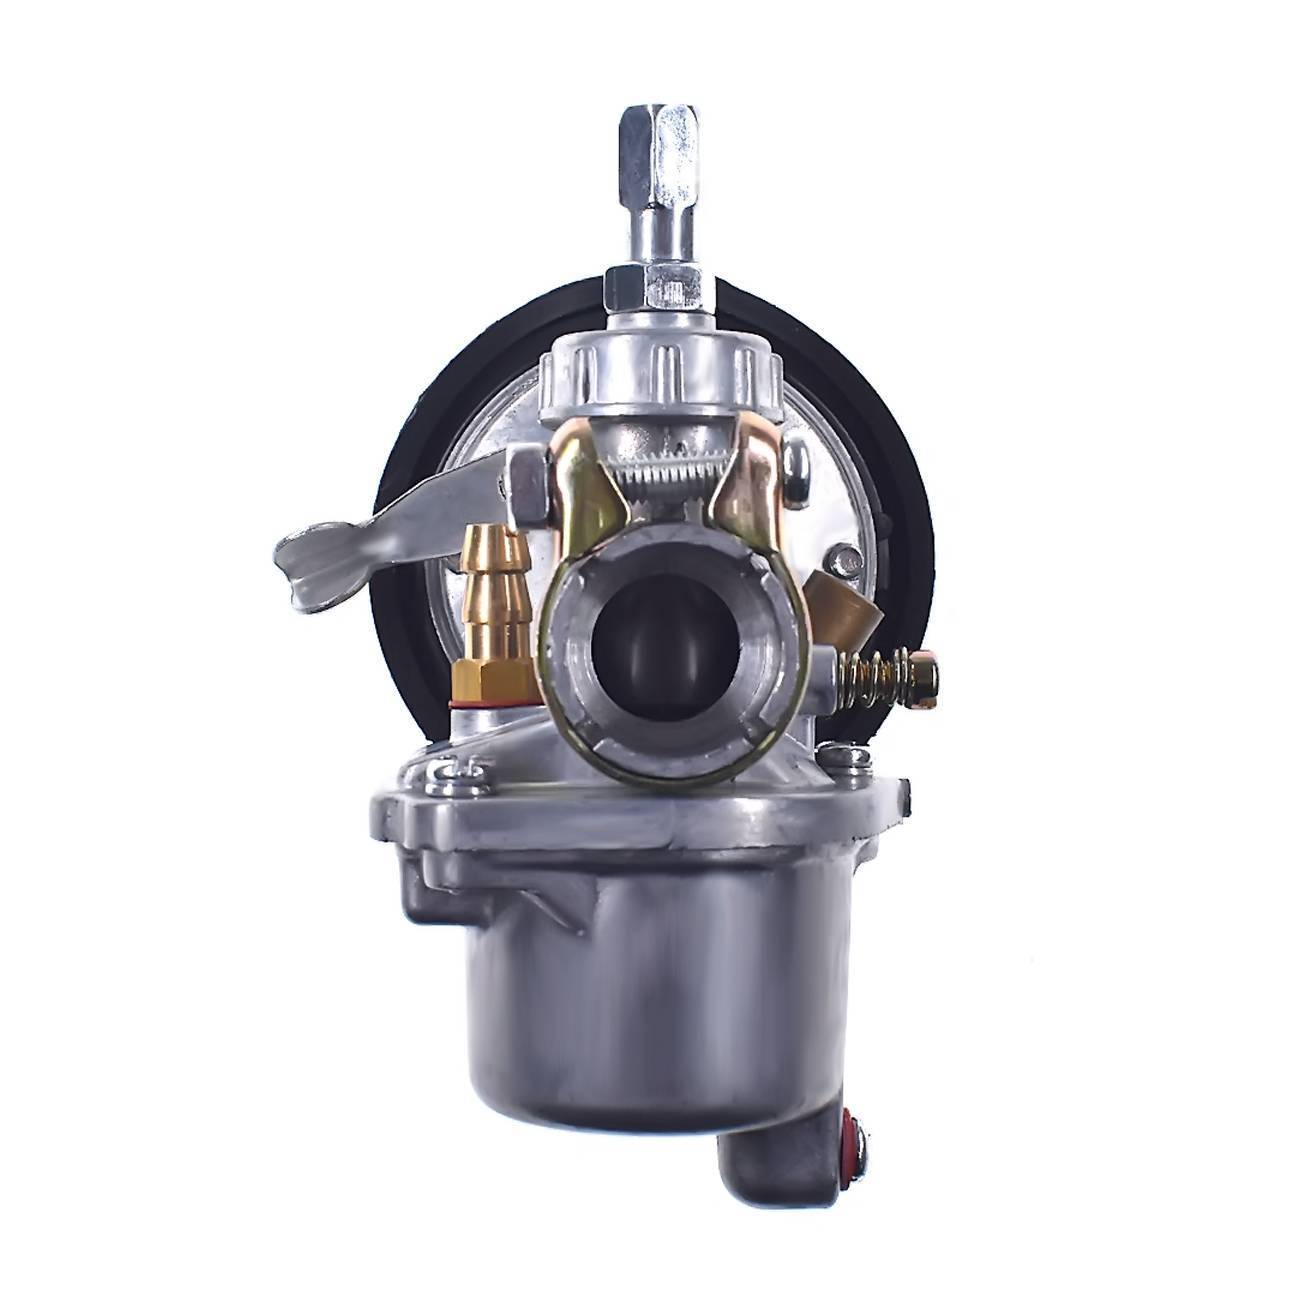 1 шт. двигатель карбюратор для 49cc 60cc 66cc 80cc 2 тактный двигатель моторизованный велосипед карбюратор для мотоцикла карби аксессуары